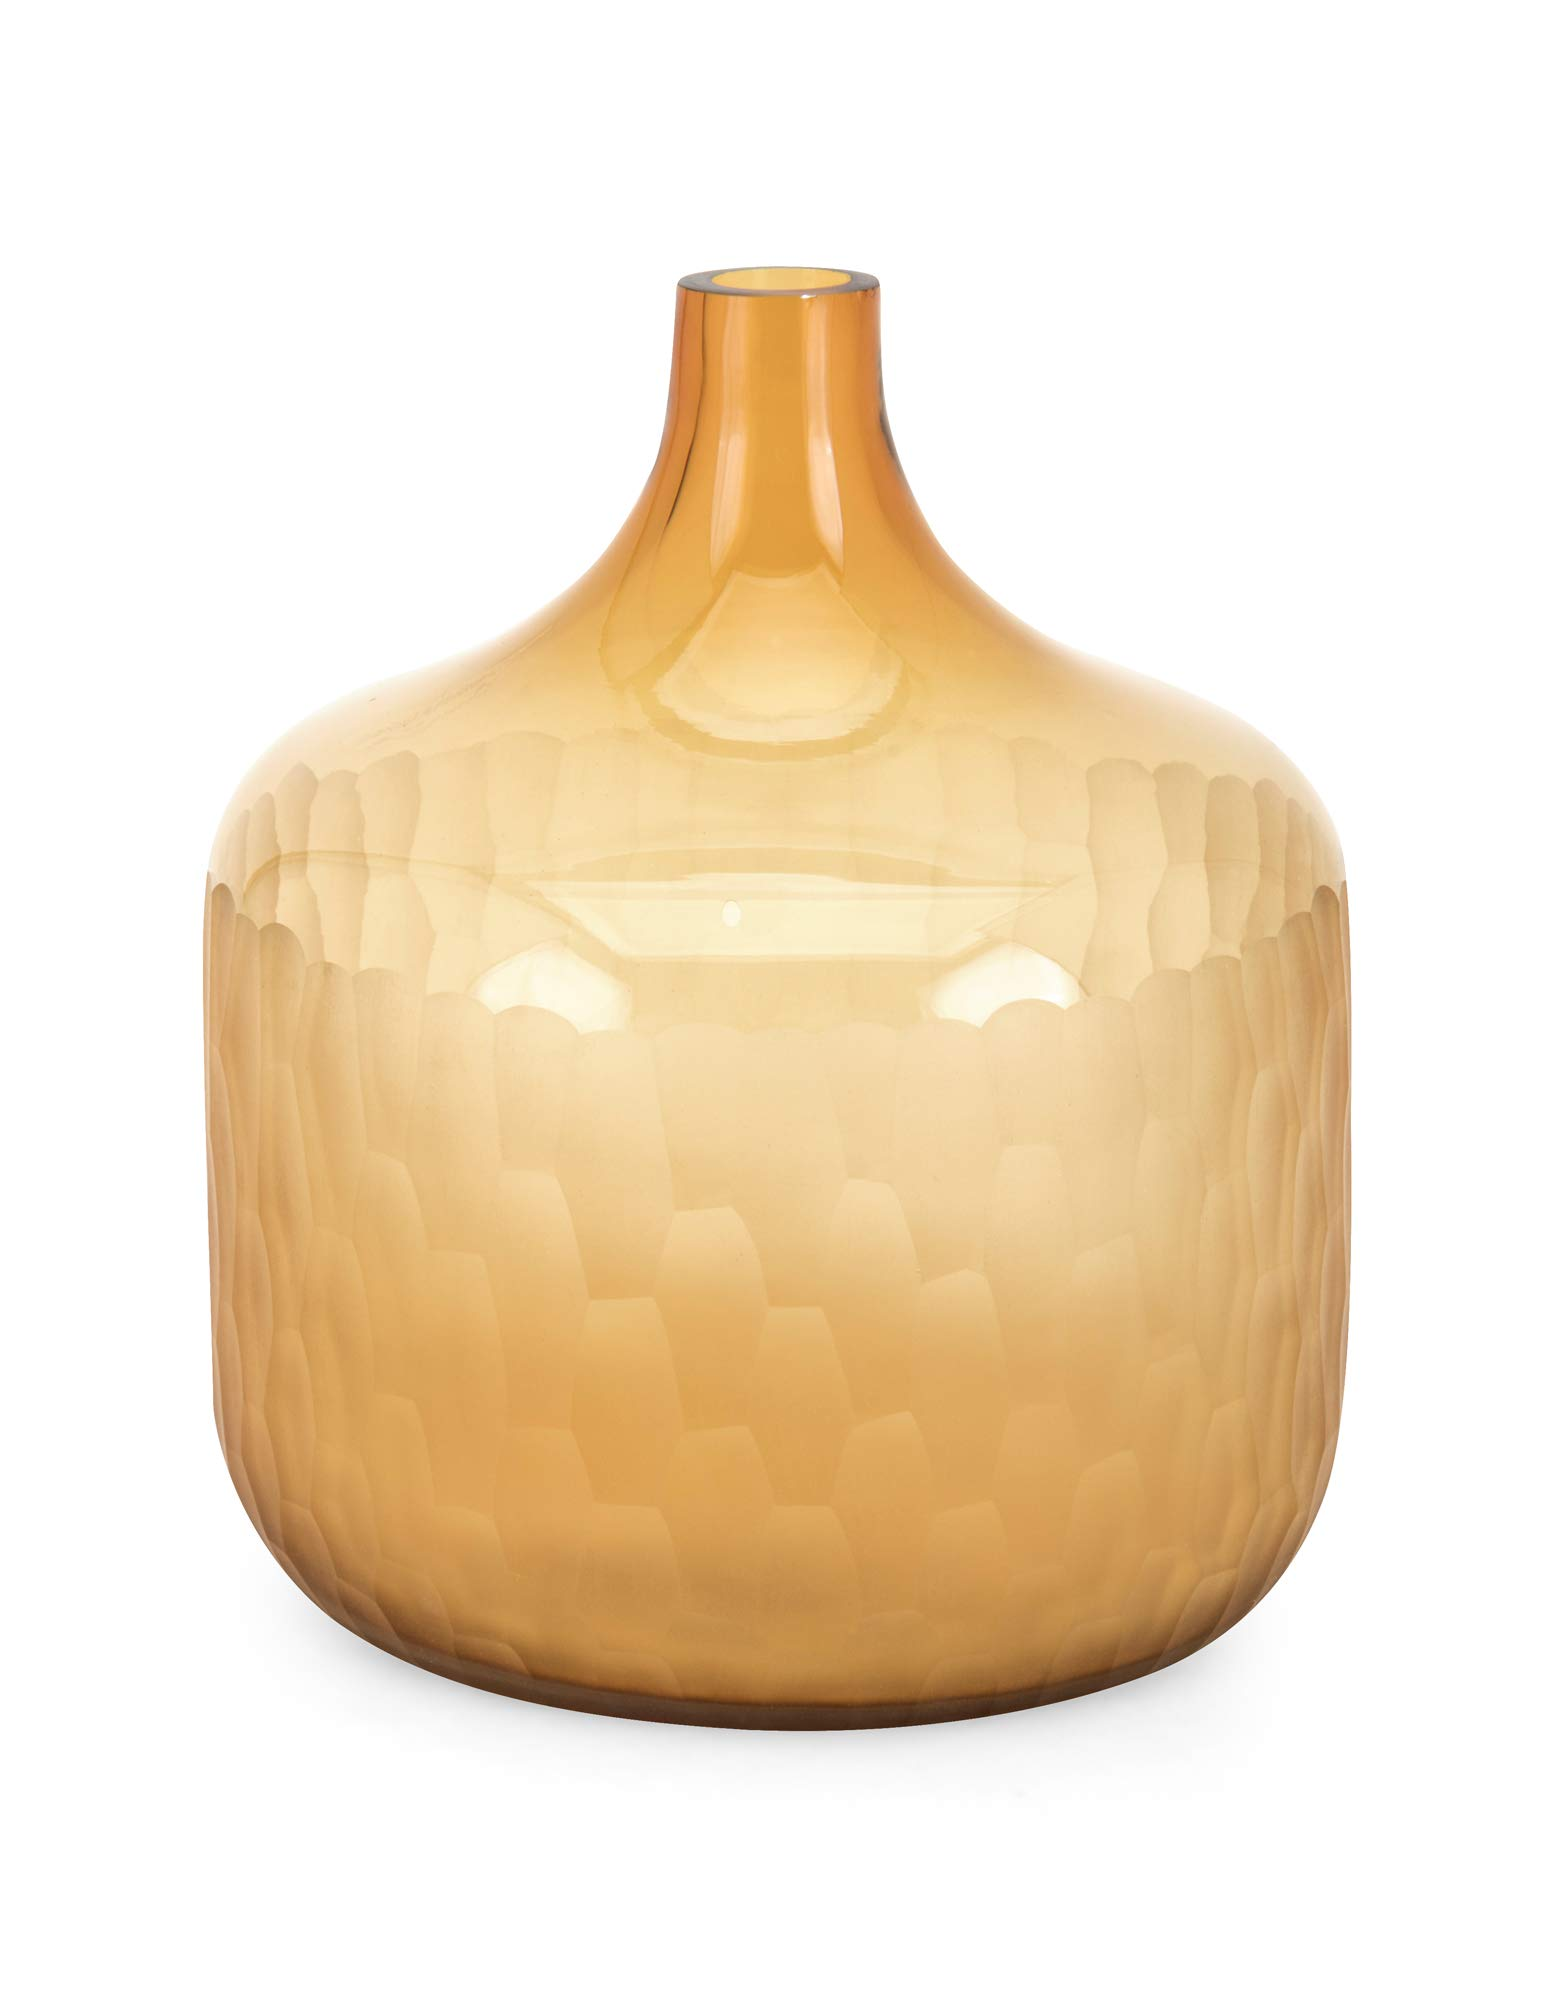 Imax 47971 Saffron Short Vases, Gold